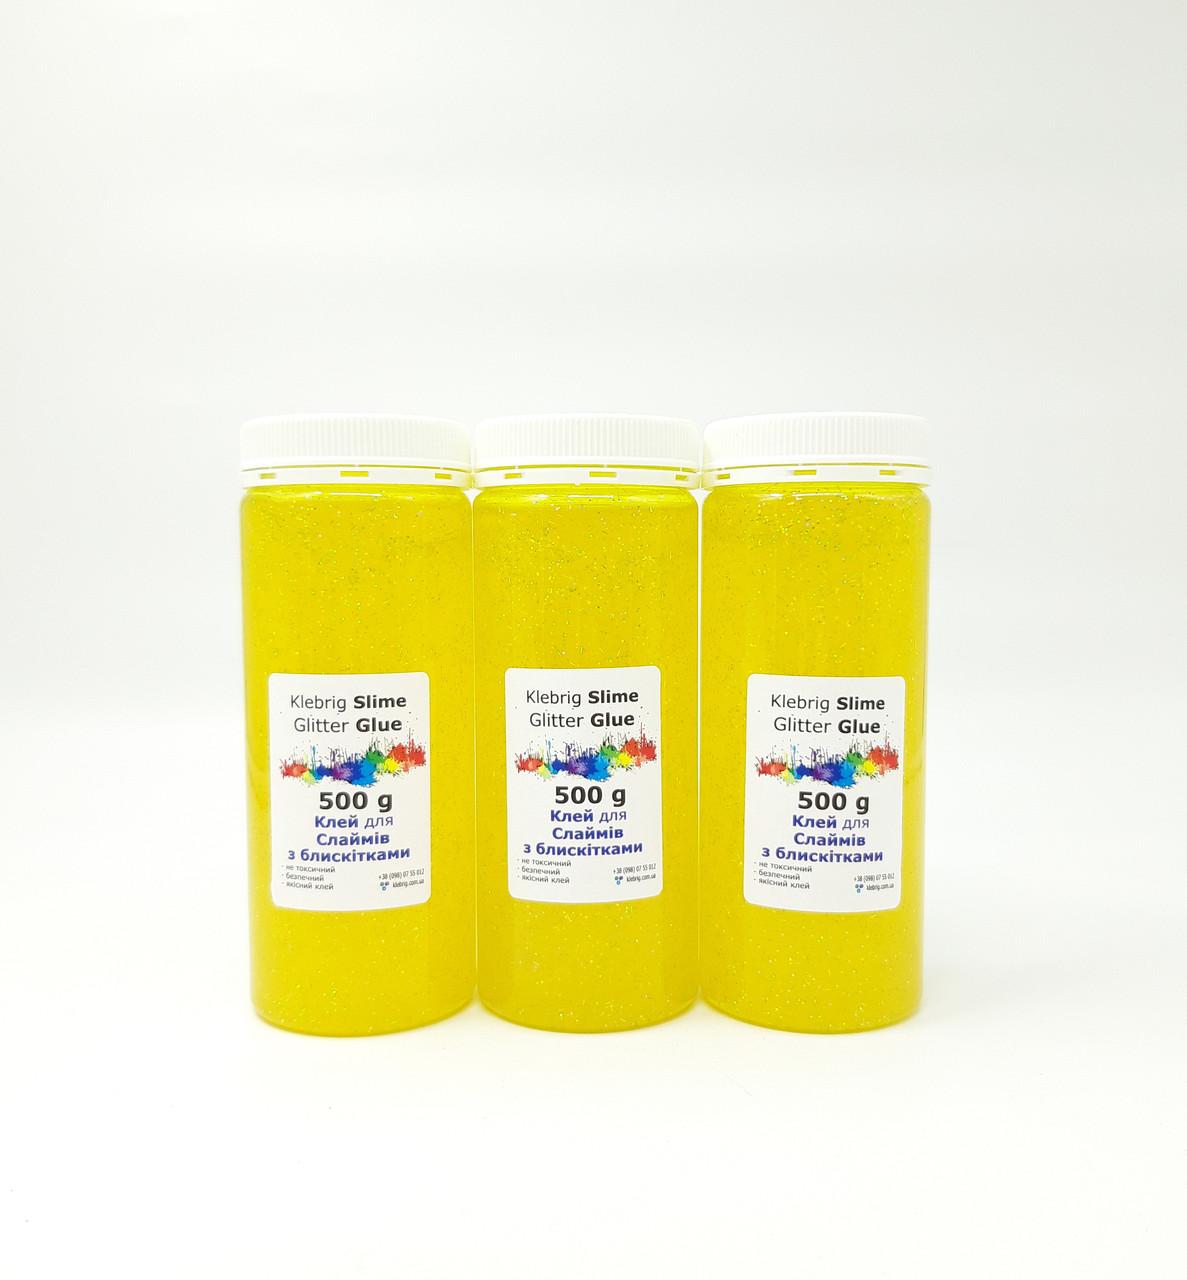 Желтый клей для слайма 3шт по 500мл